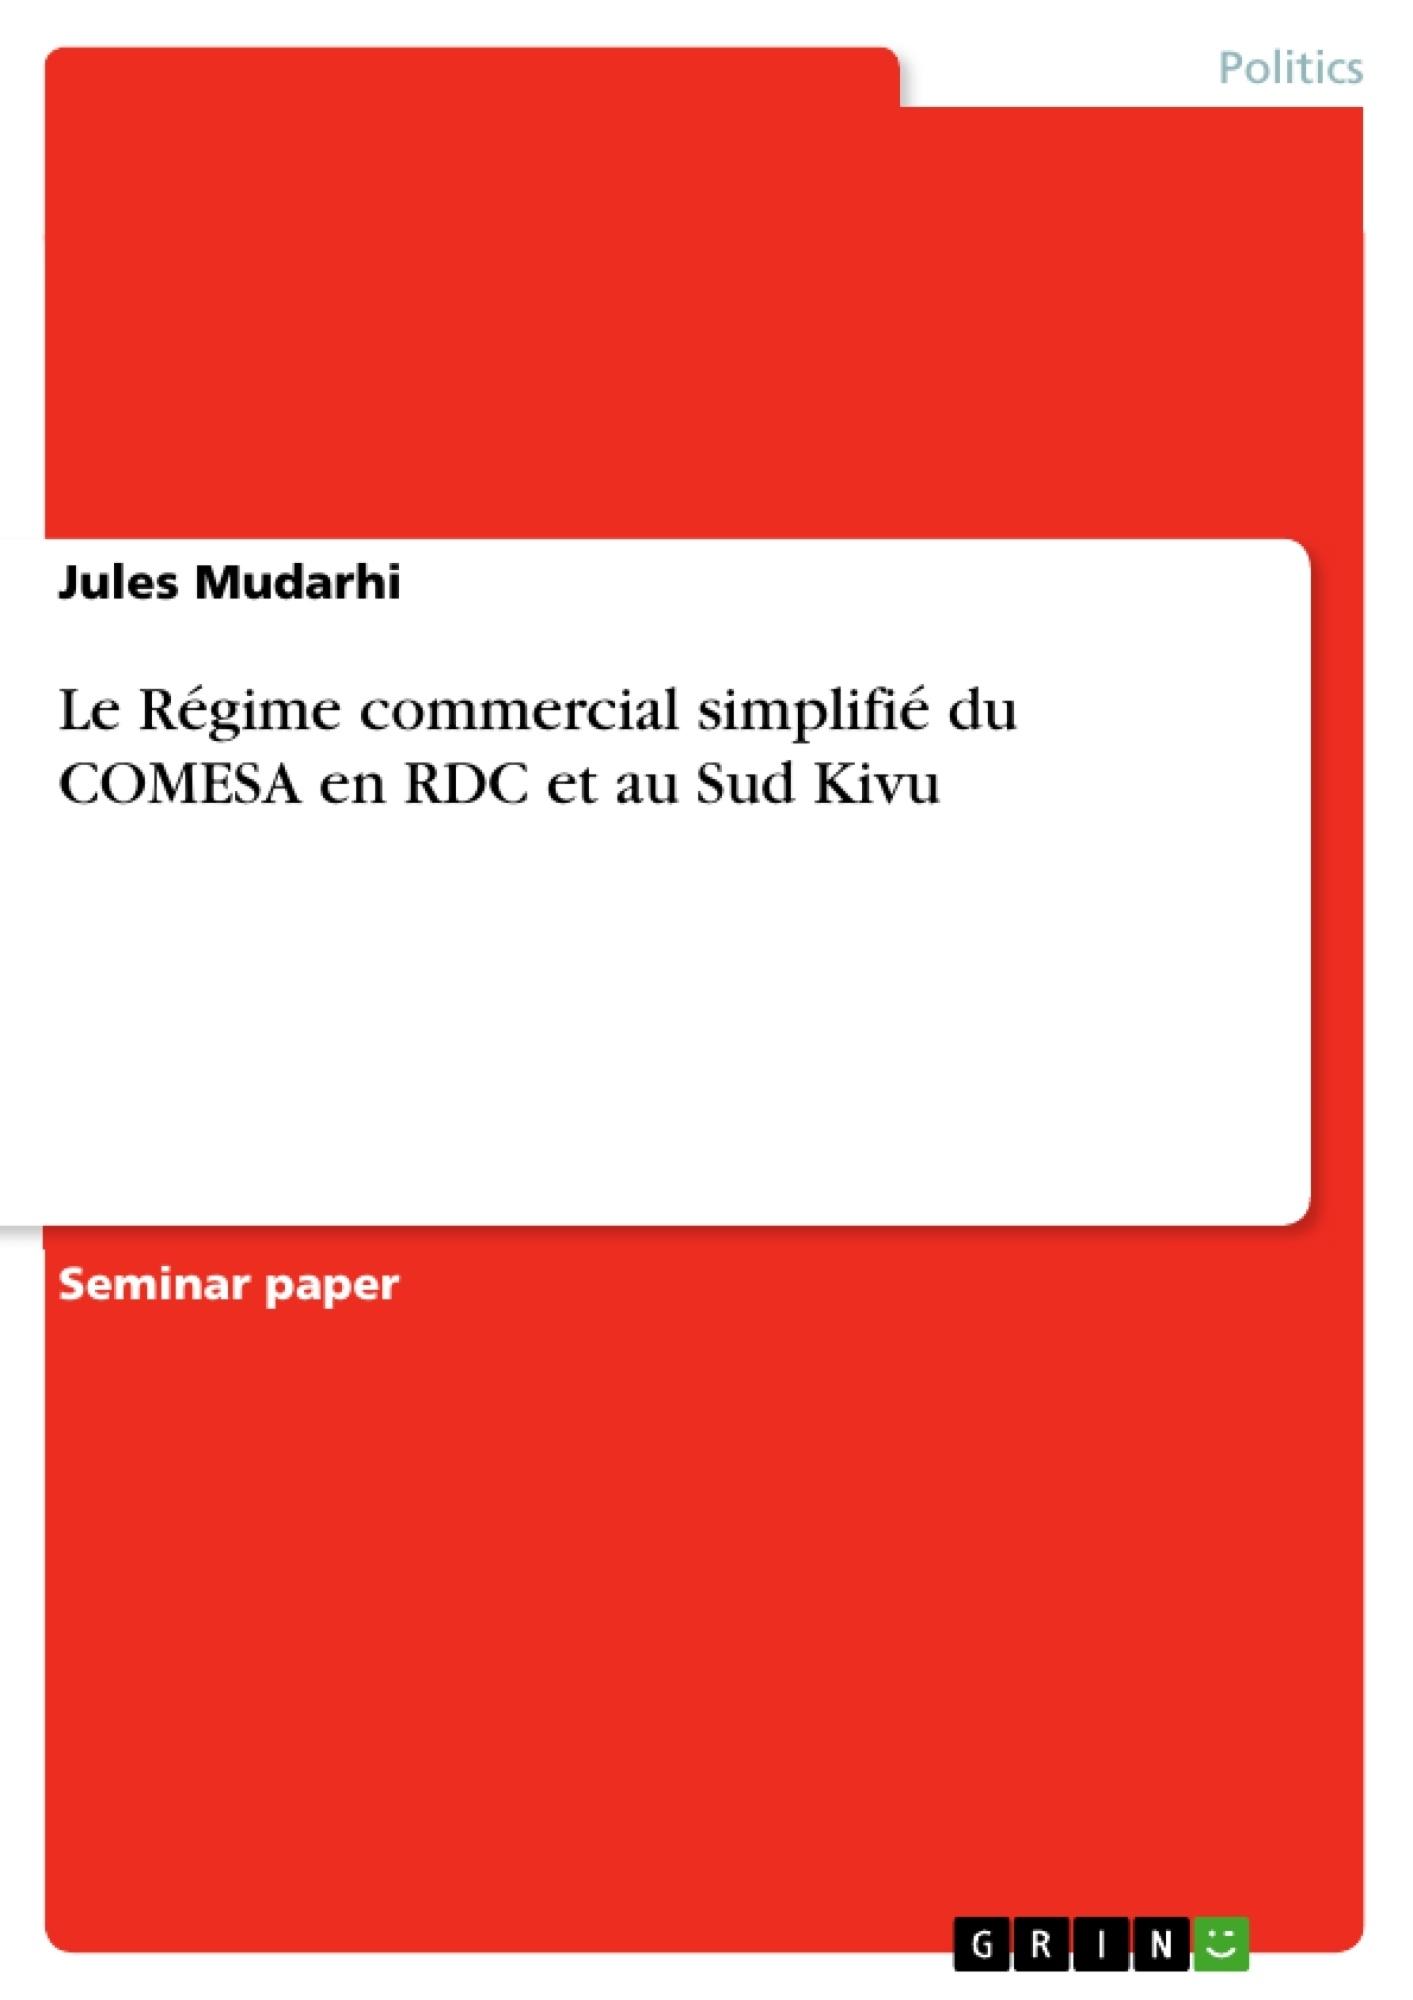 Titre: Le Régime commercial simplifié du COMESA en RDC et au Sud Kivu